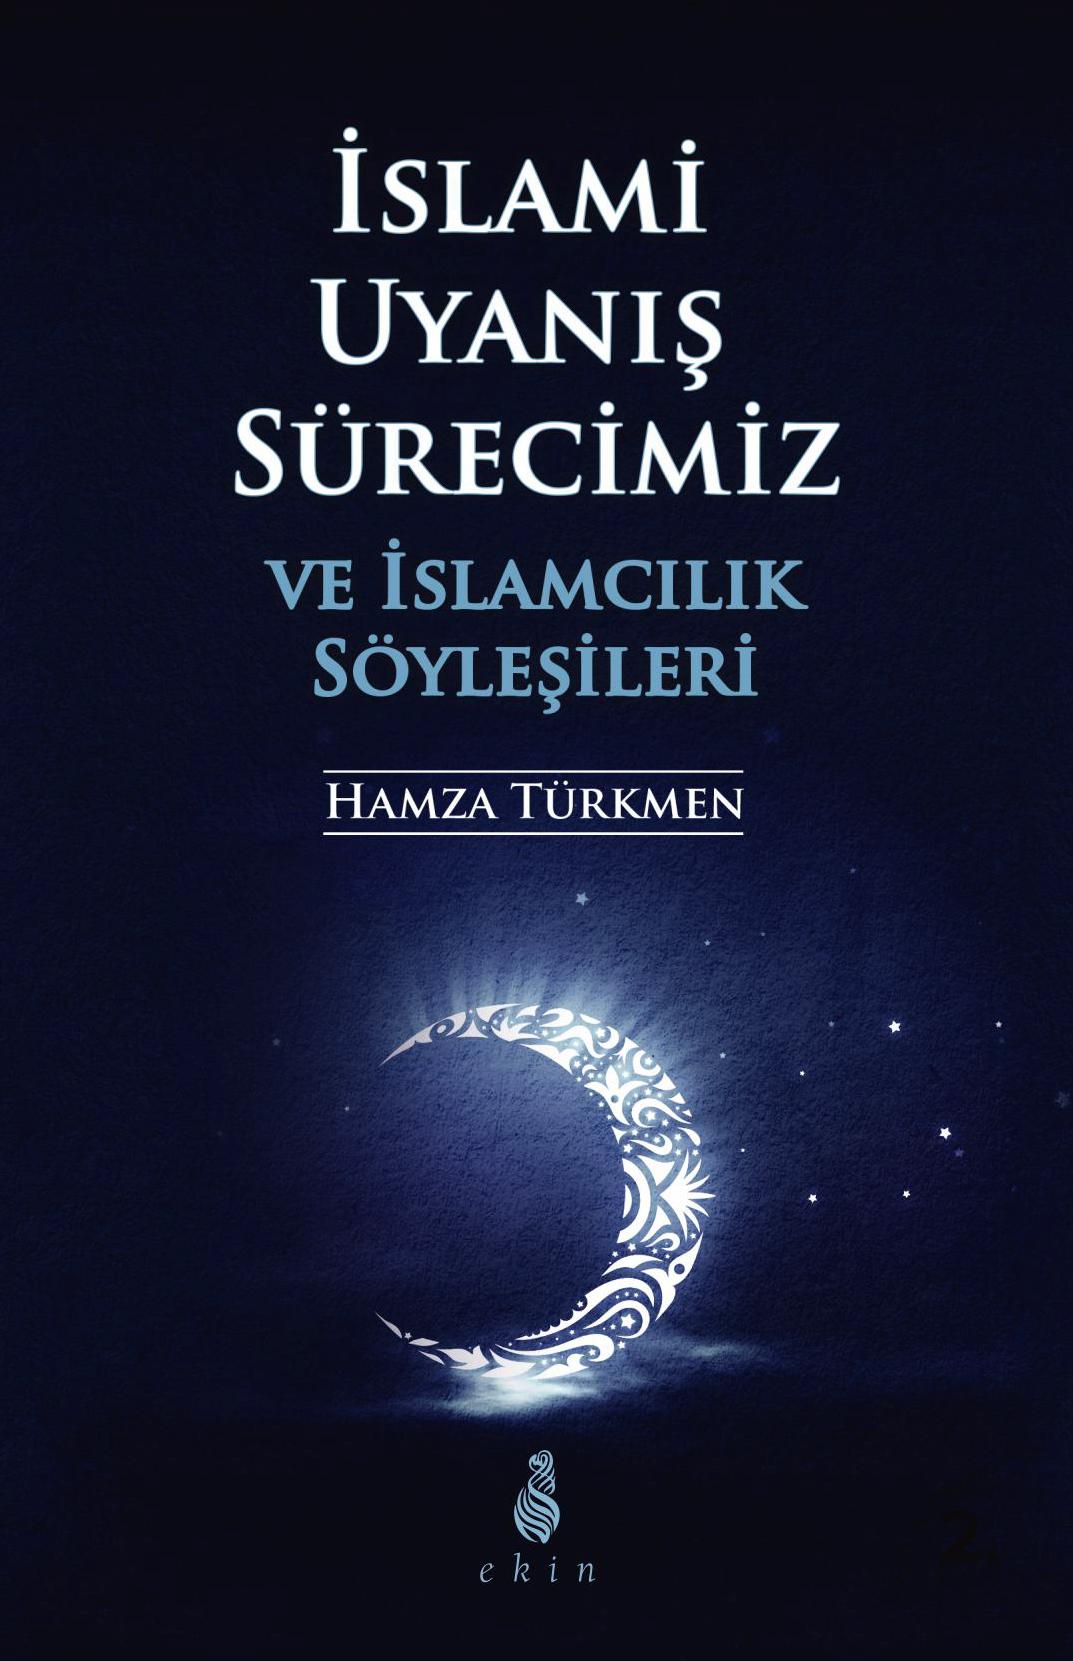 islami_uyanis-surecimiz_ve_islamcilik_soylesileri_hamza_turkmen_03.jpg